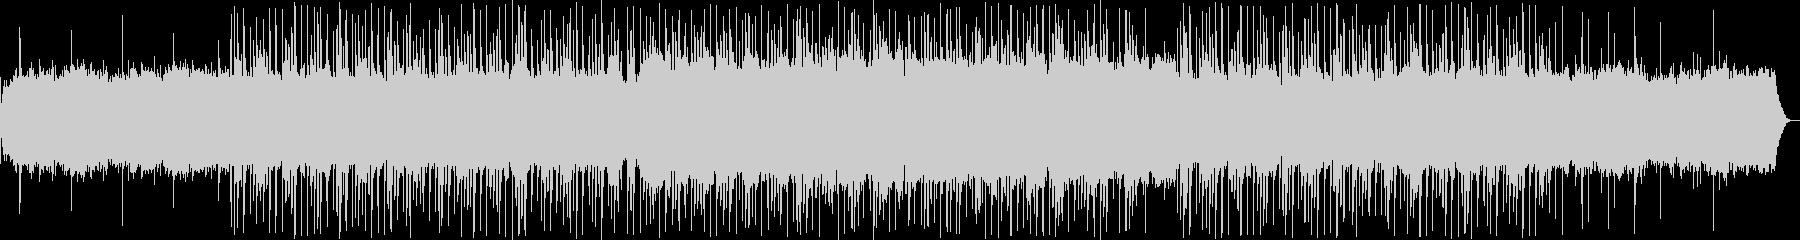 ゆったりとしたシンセ・ピアノサウンドの未再生の波形